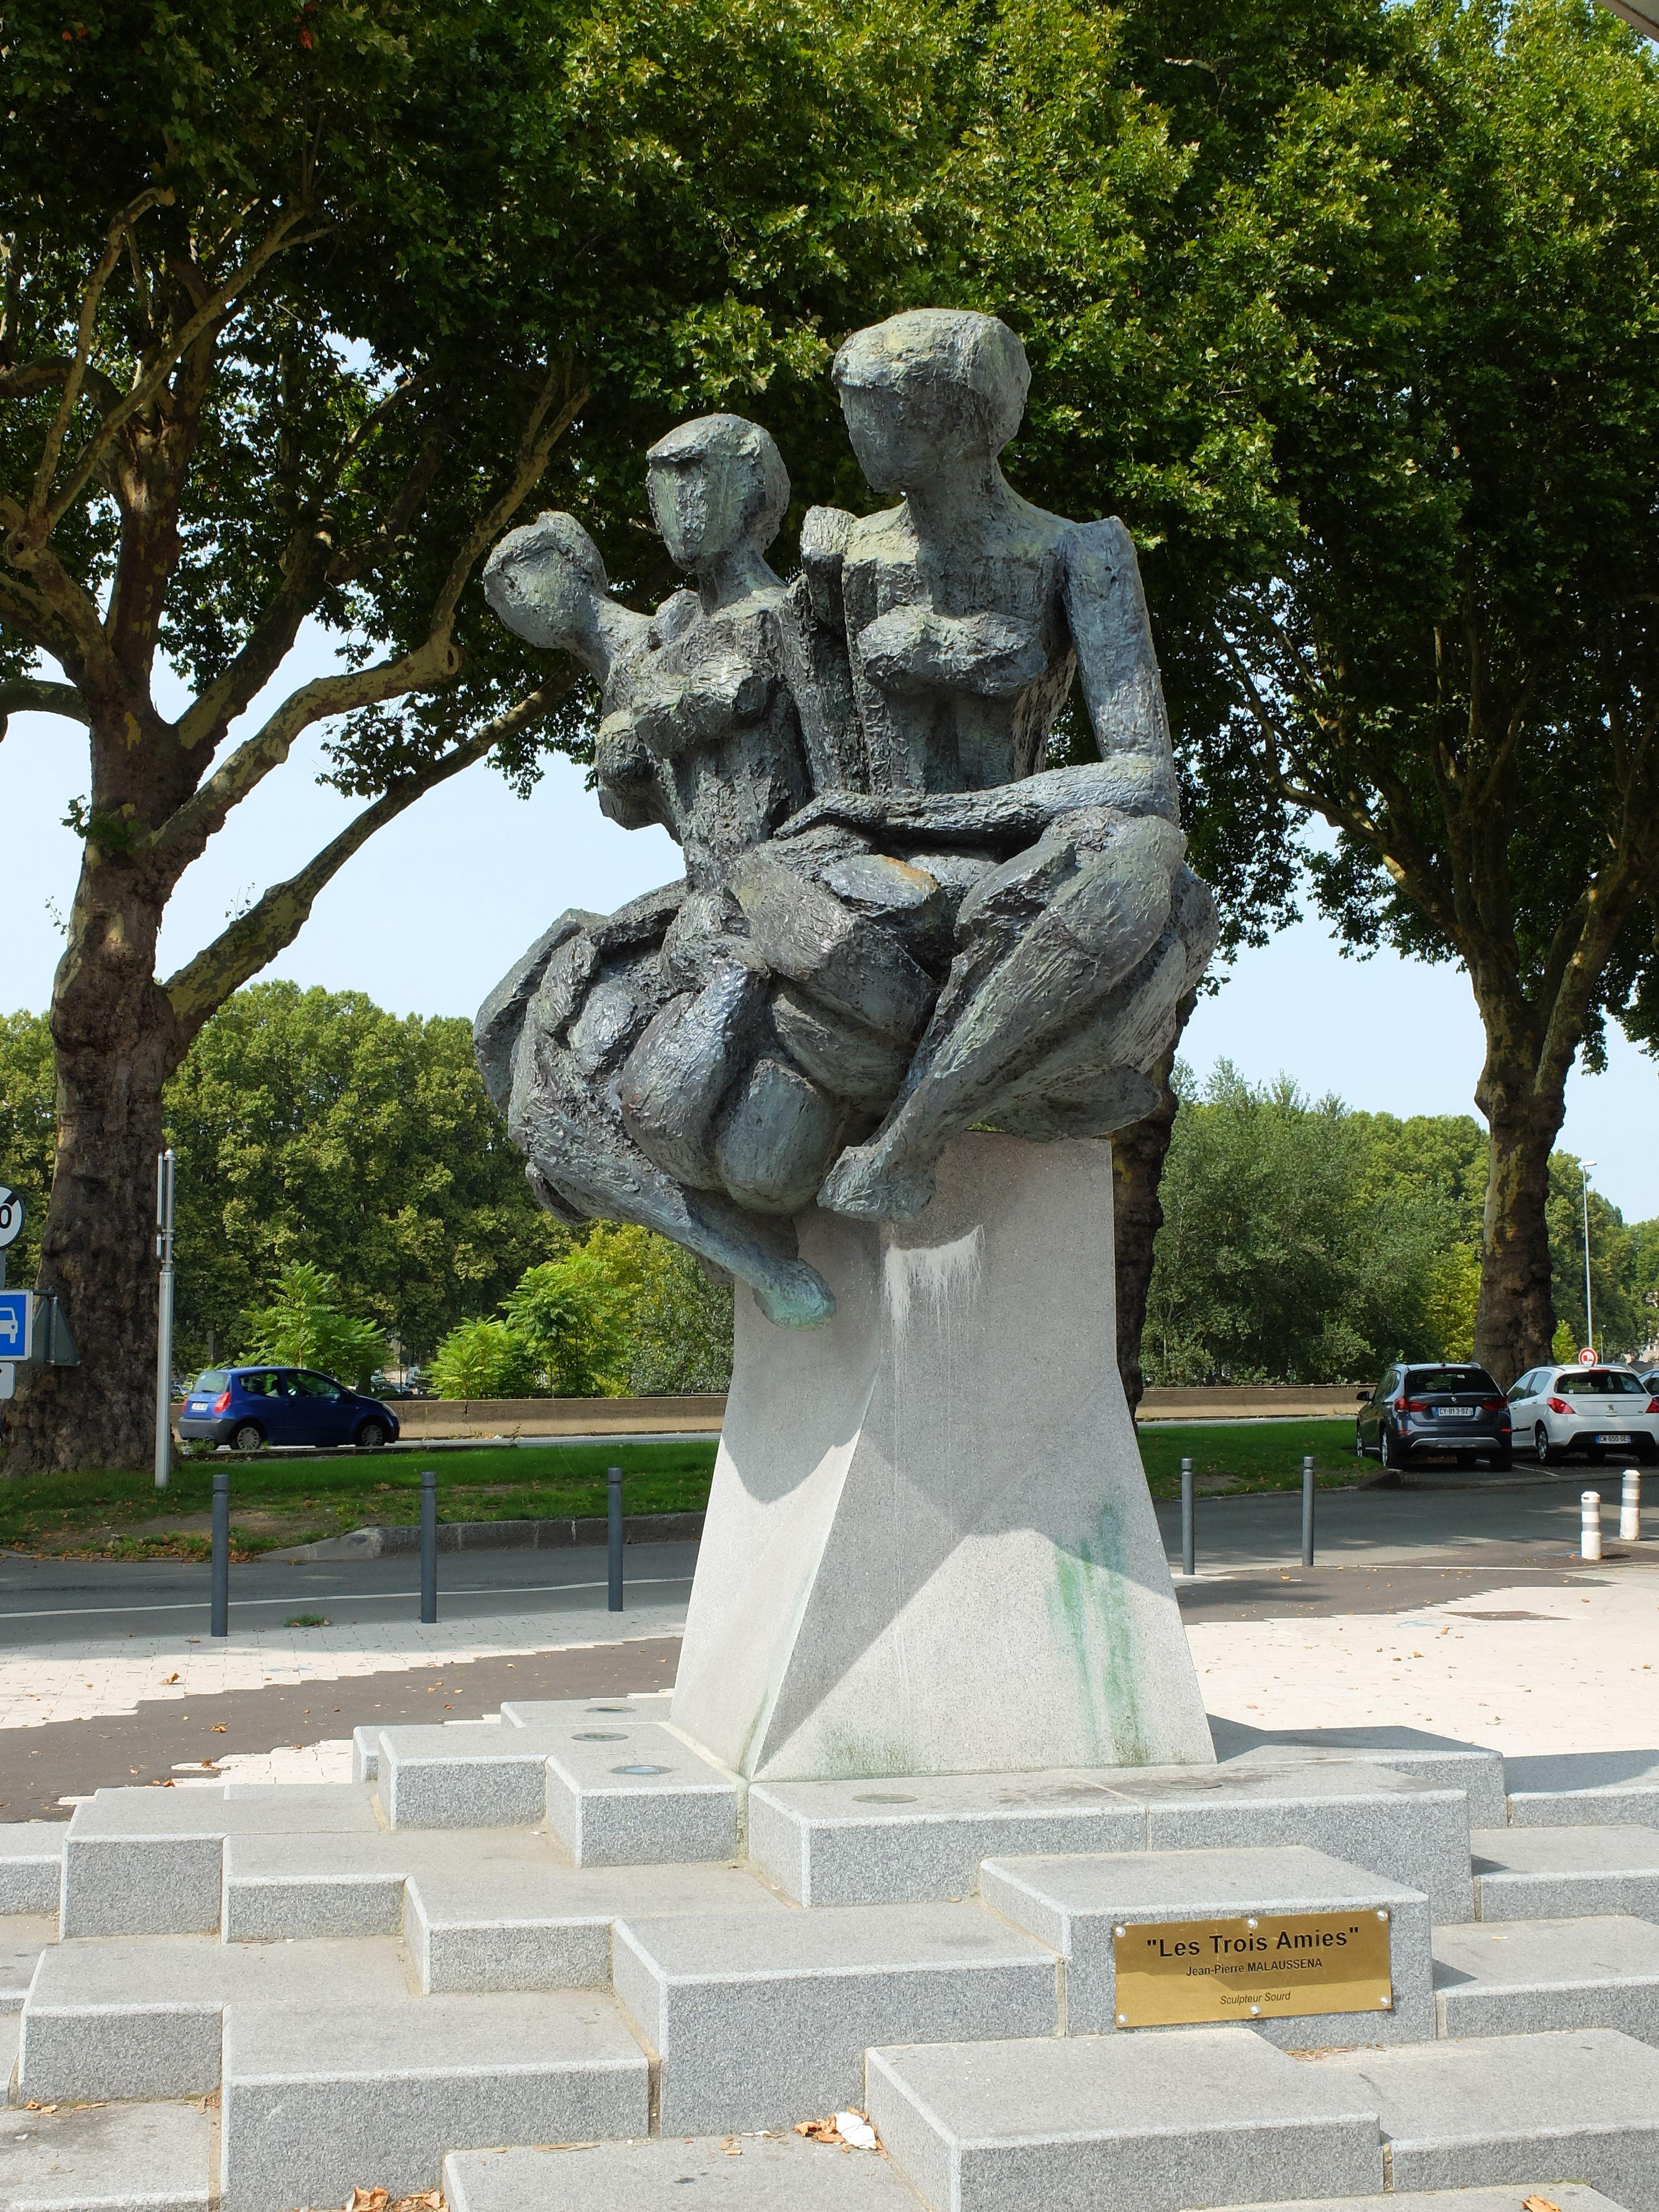 Les trois amies - Sculpture - Angers - Photo MNC